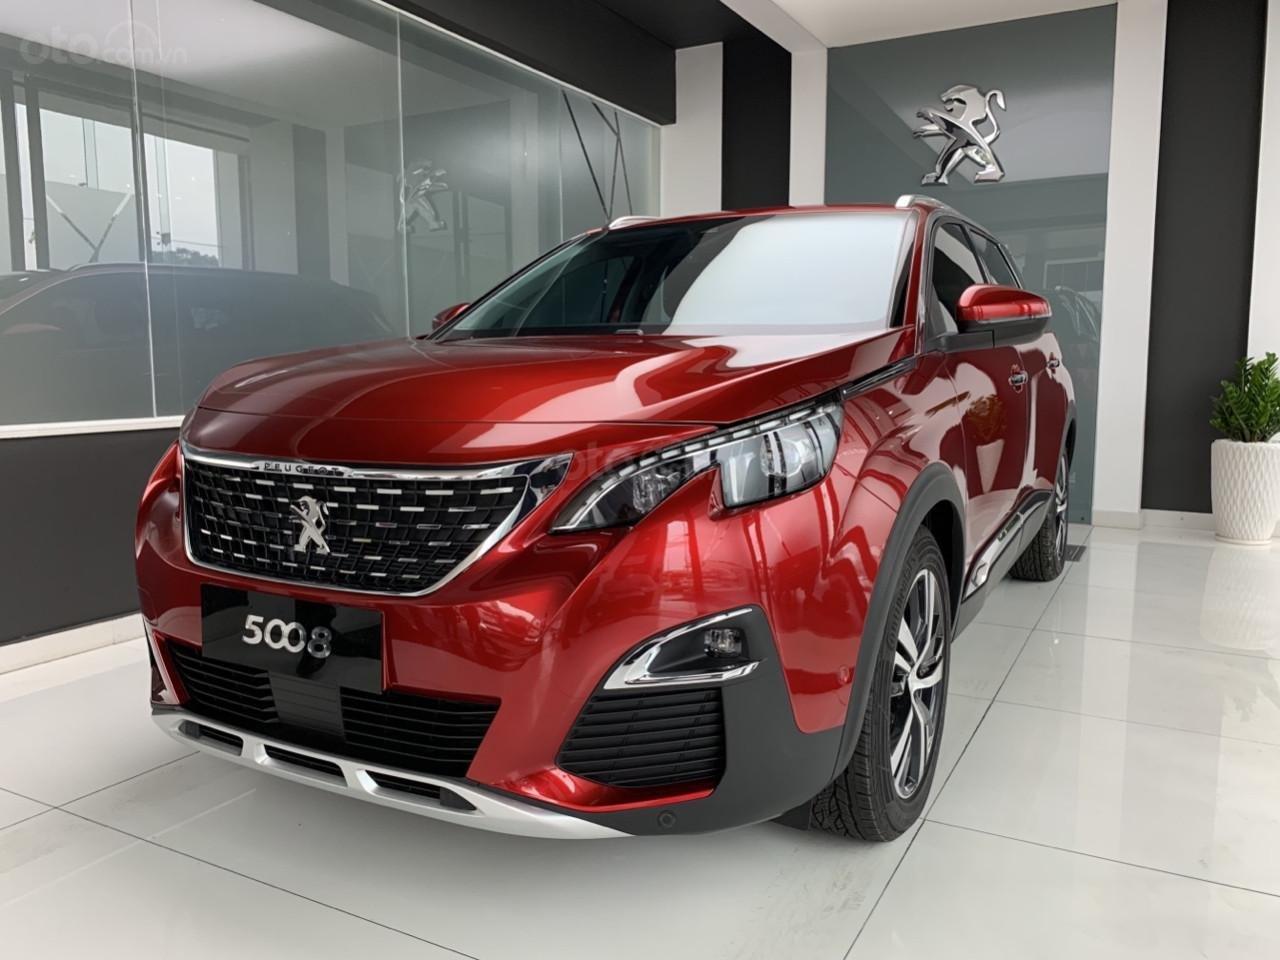 Peugeot 5008 đỏ 2019, chạy lướt, mới lăn bánh 57km, chạy dc 2 ngày, cần thanh lý (2)